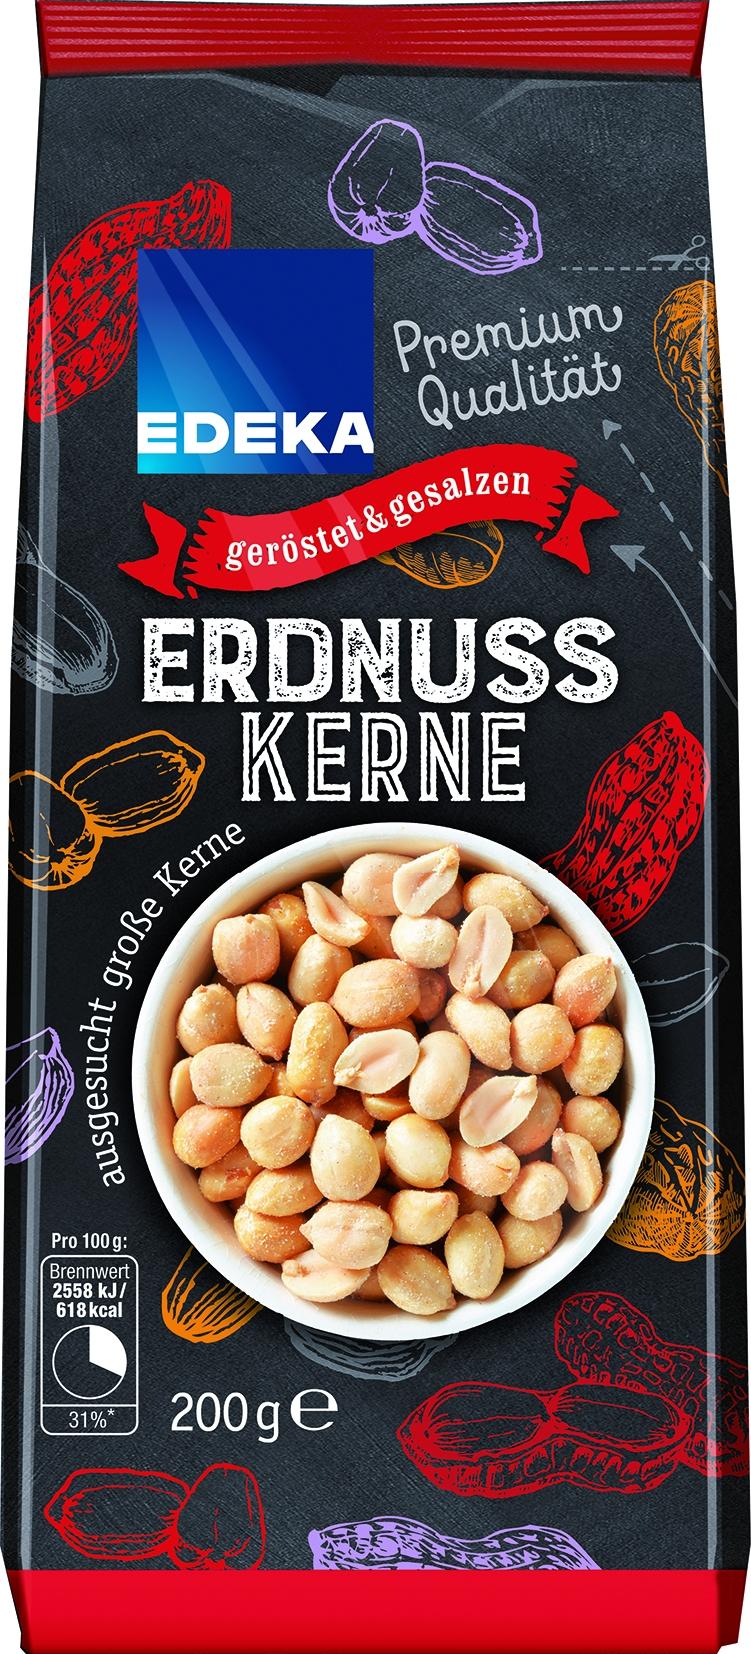 Erdnusskerne geroestet und gesalzen